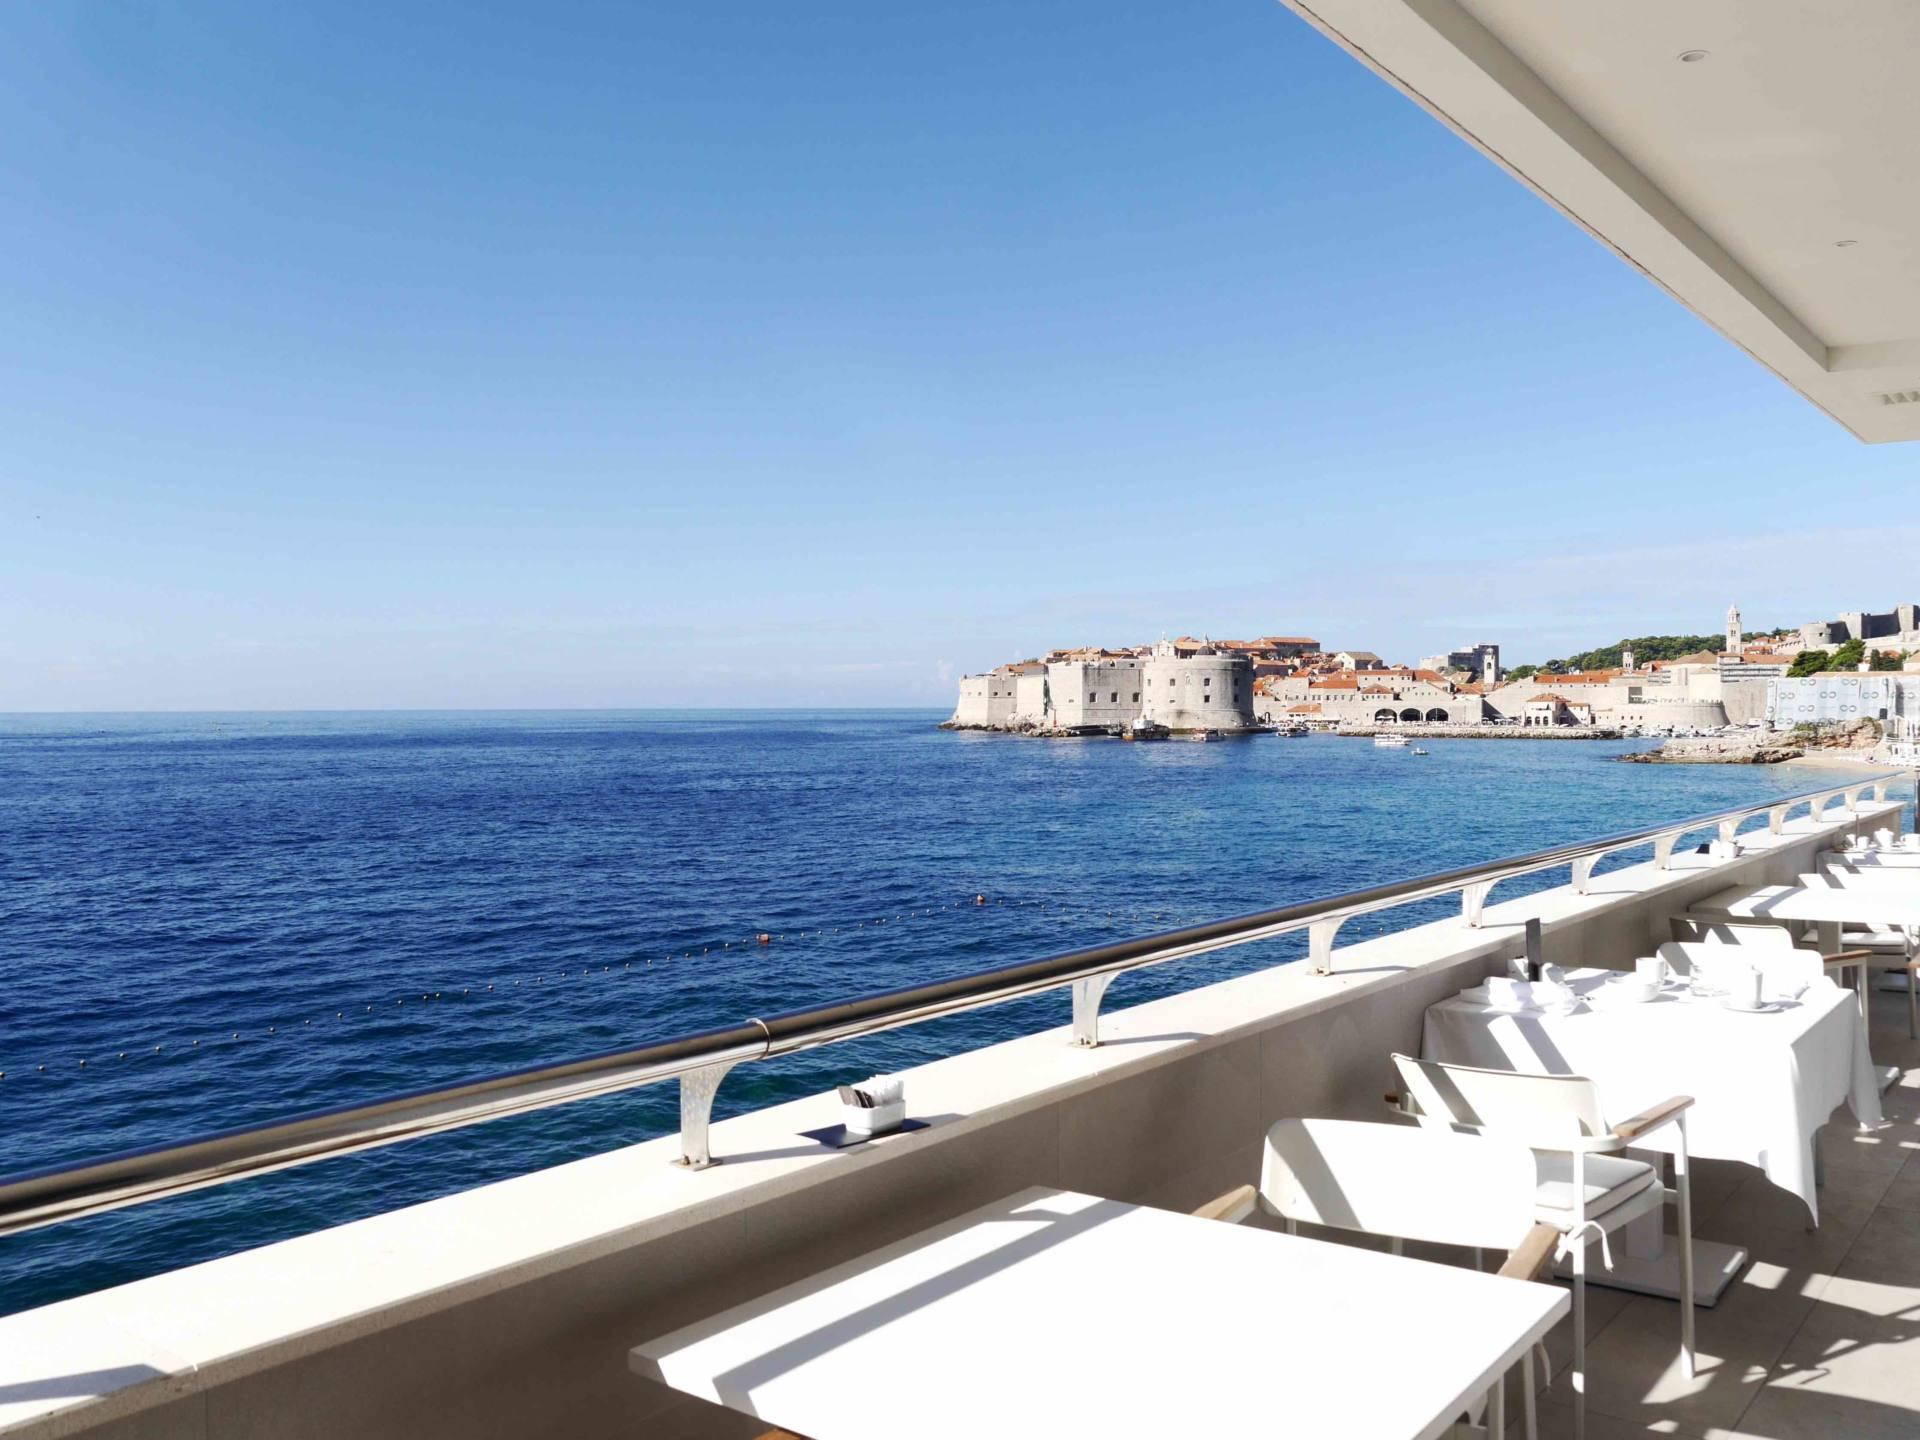 Hotel Excelsior | Babymoon in Dubrovnik